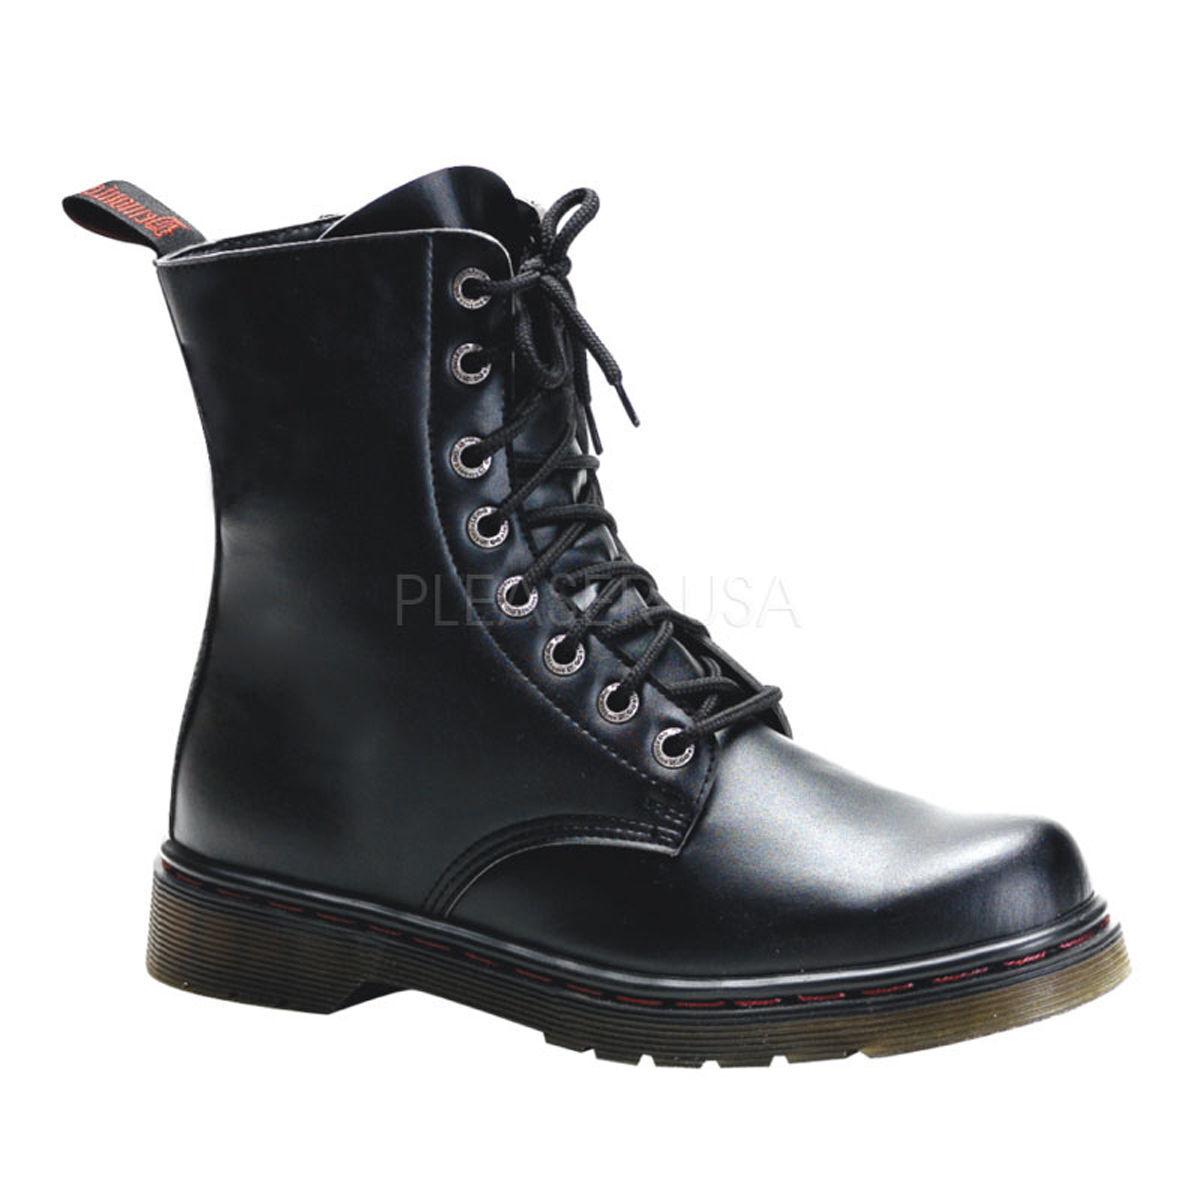 Demonia Disorder - 100 occhielli alla Militare caviglia Goth Punk Vegano Militare alla Combat Stivali Tacco 1